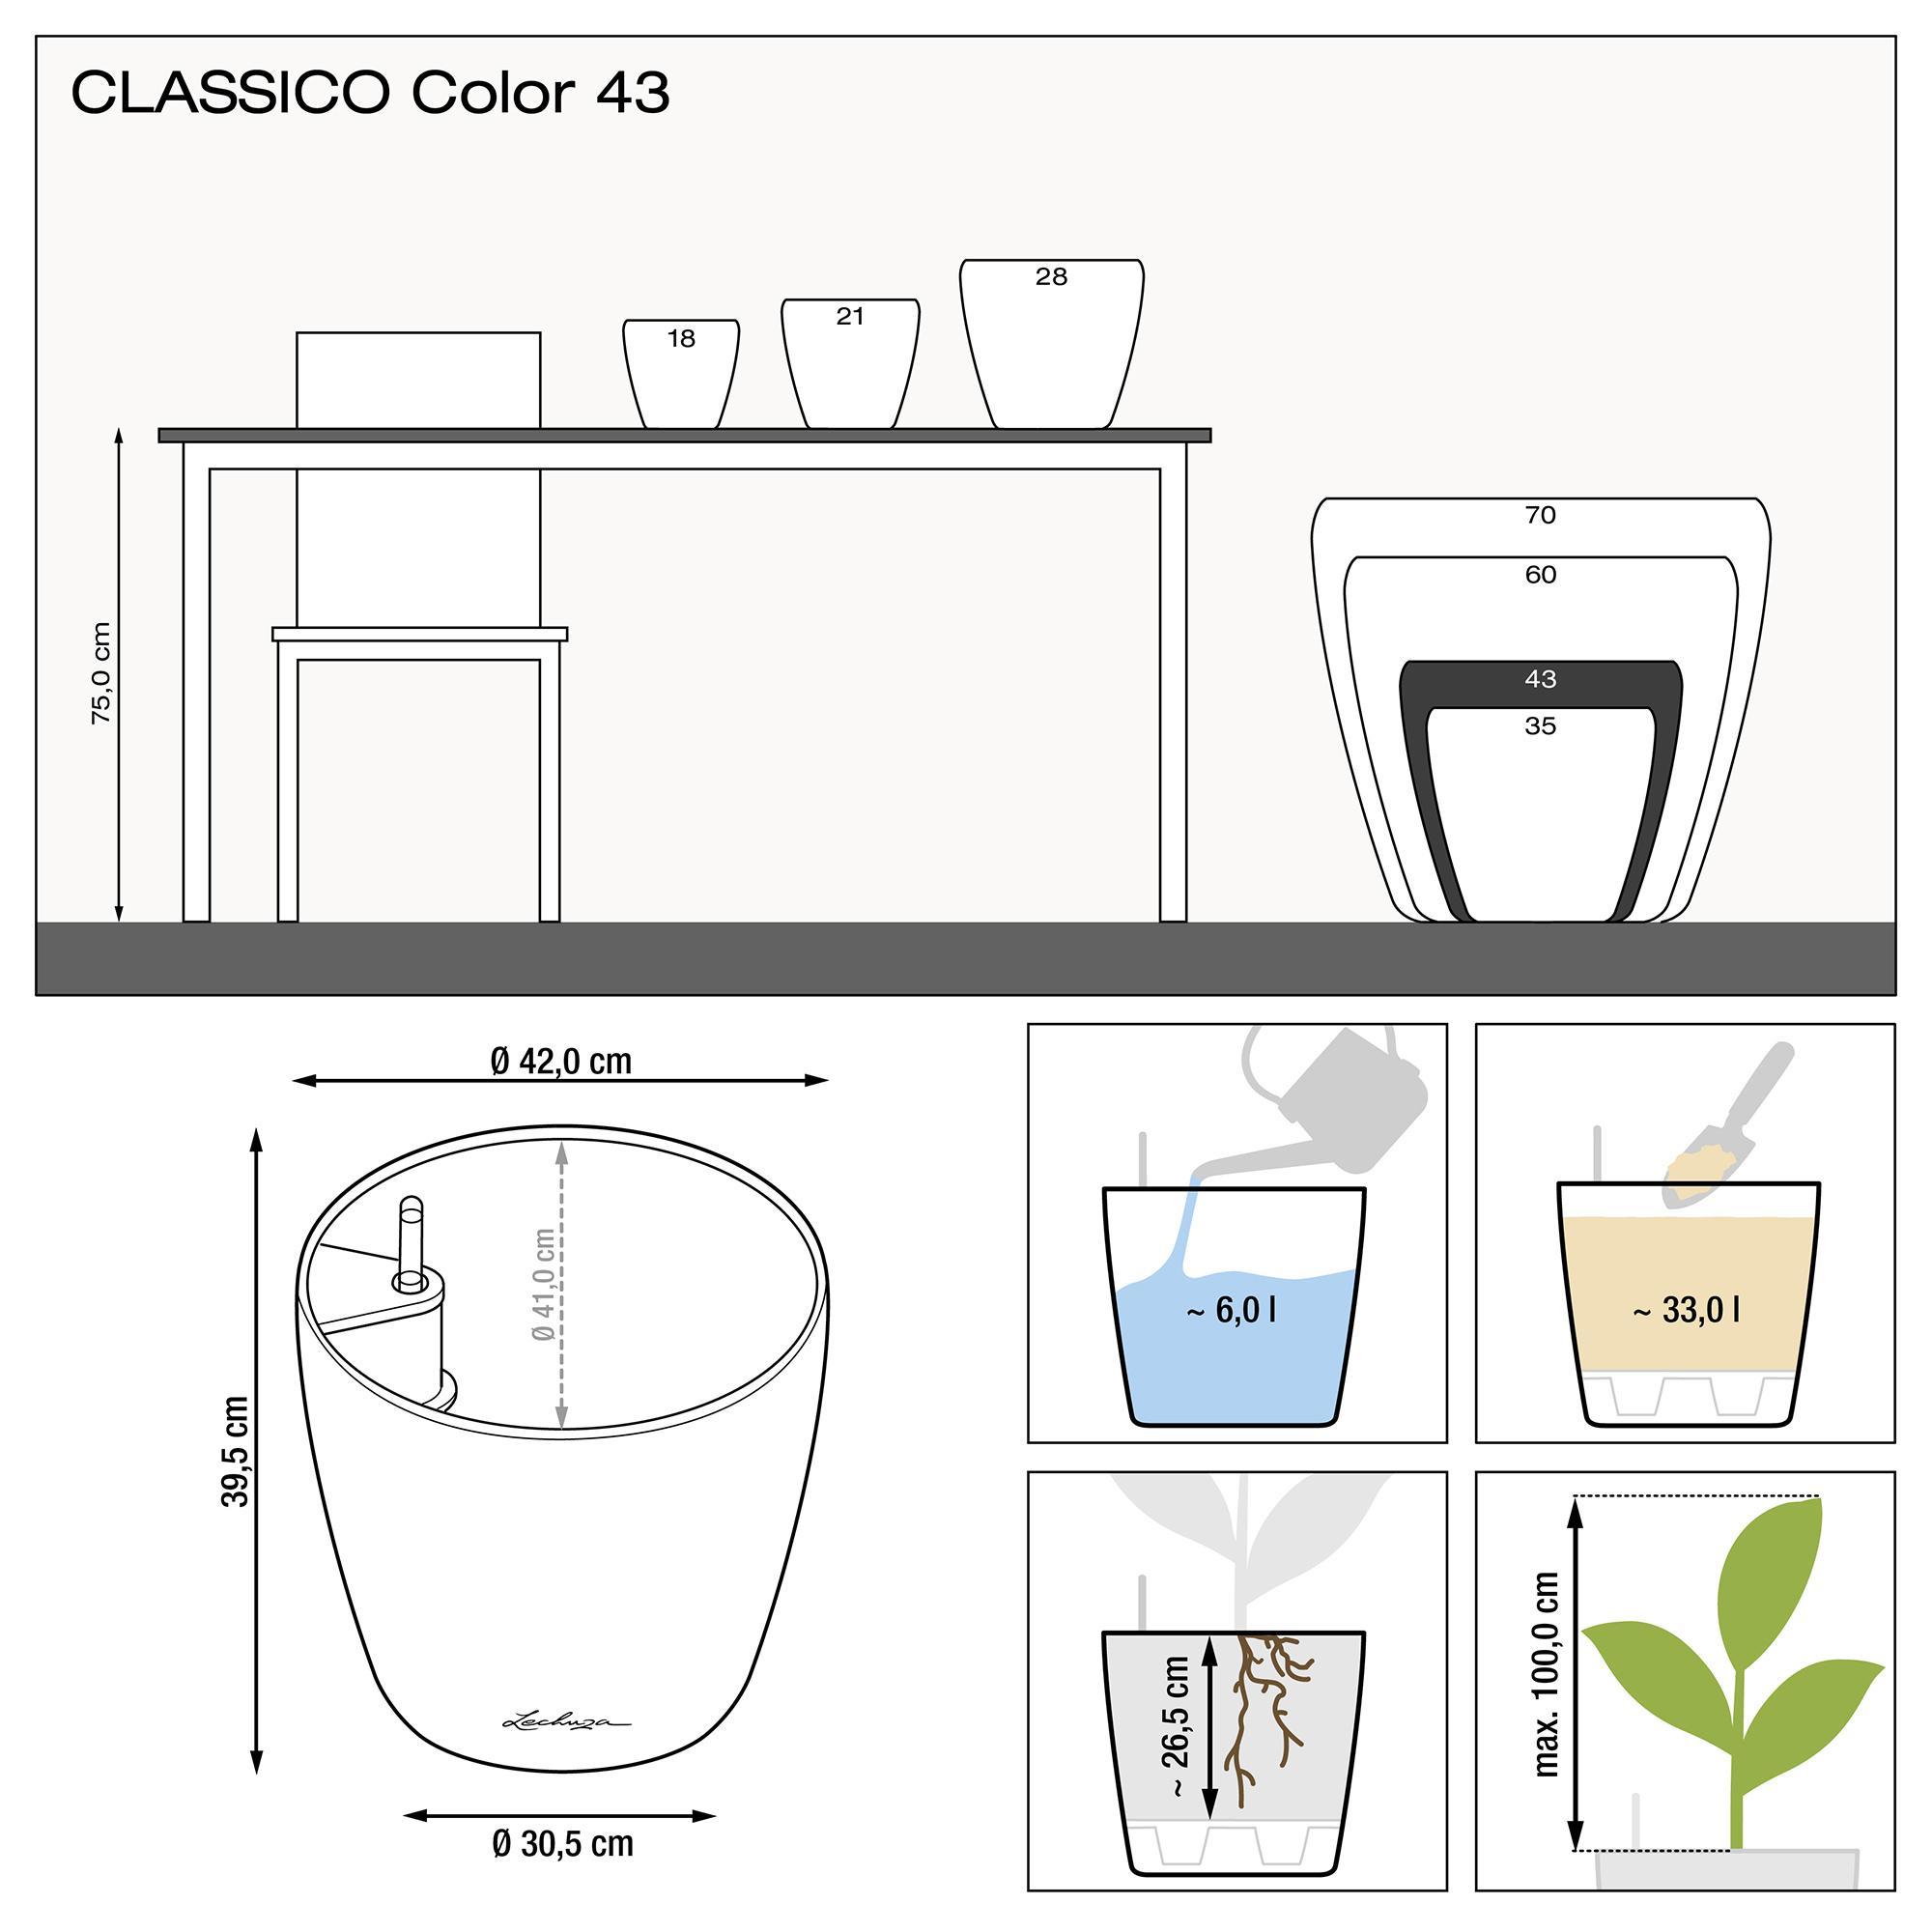 le_classico-color43_product_addi_nz